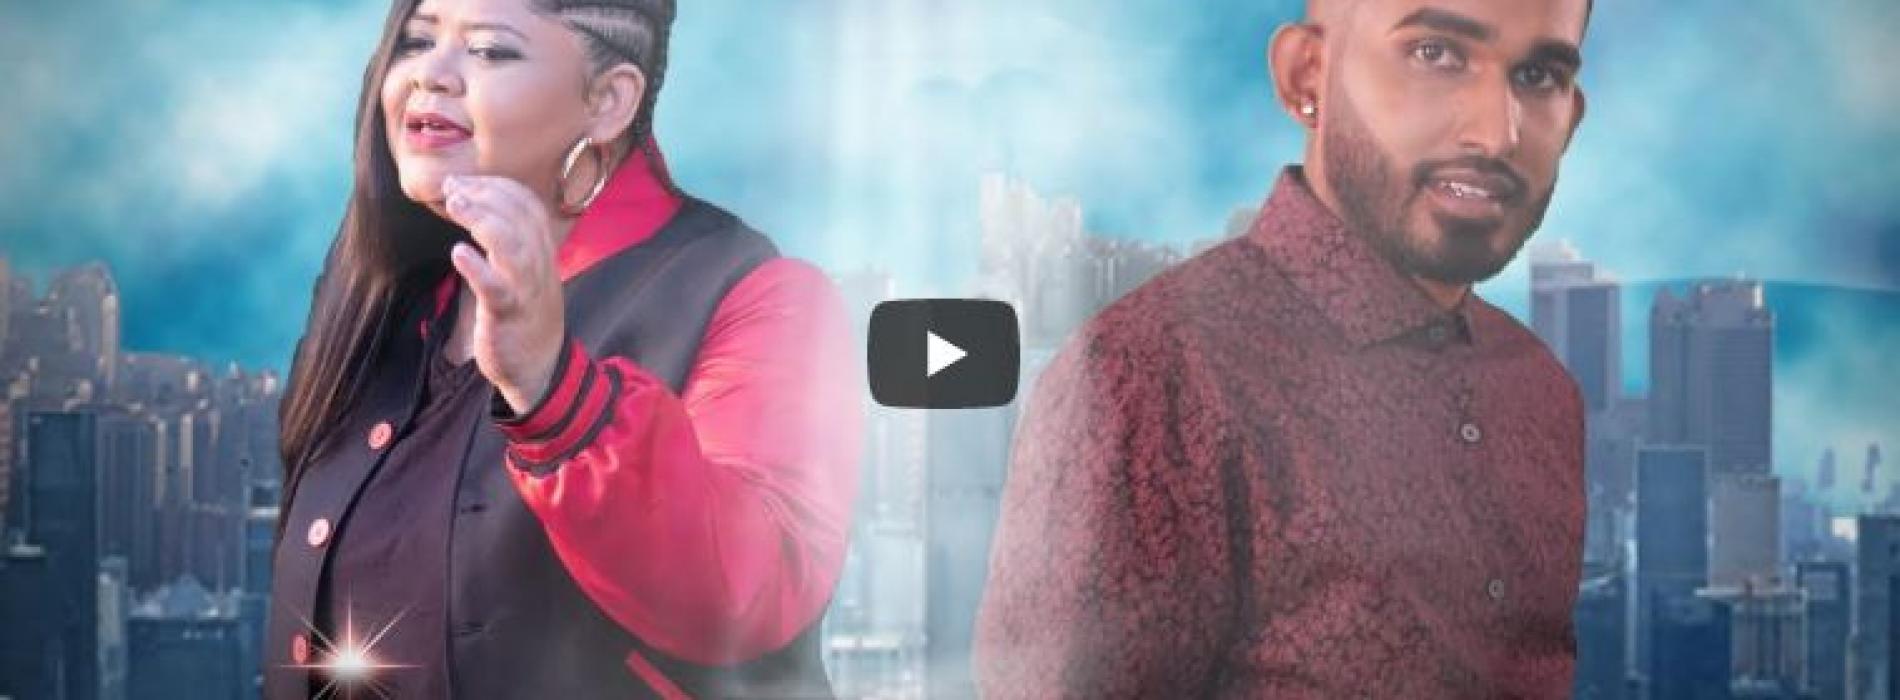 Mahesh Nish – Hirimal Wayasata ft Ashanthi de Alwis, Ravihans